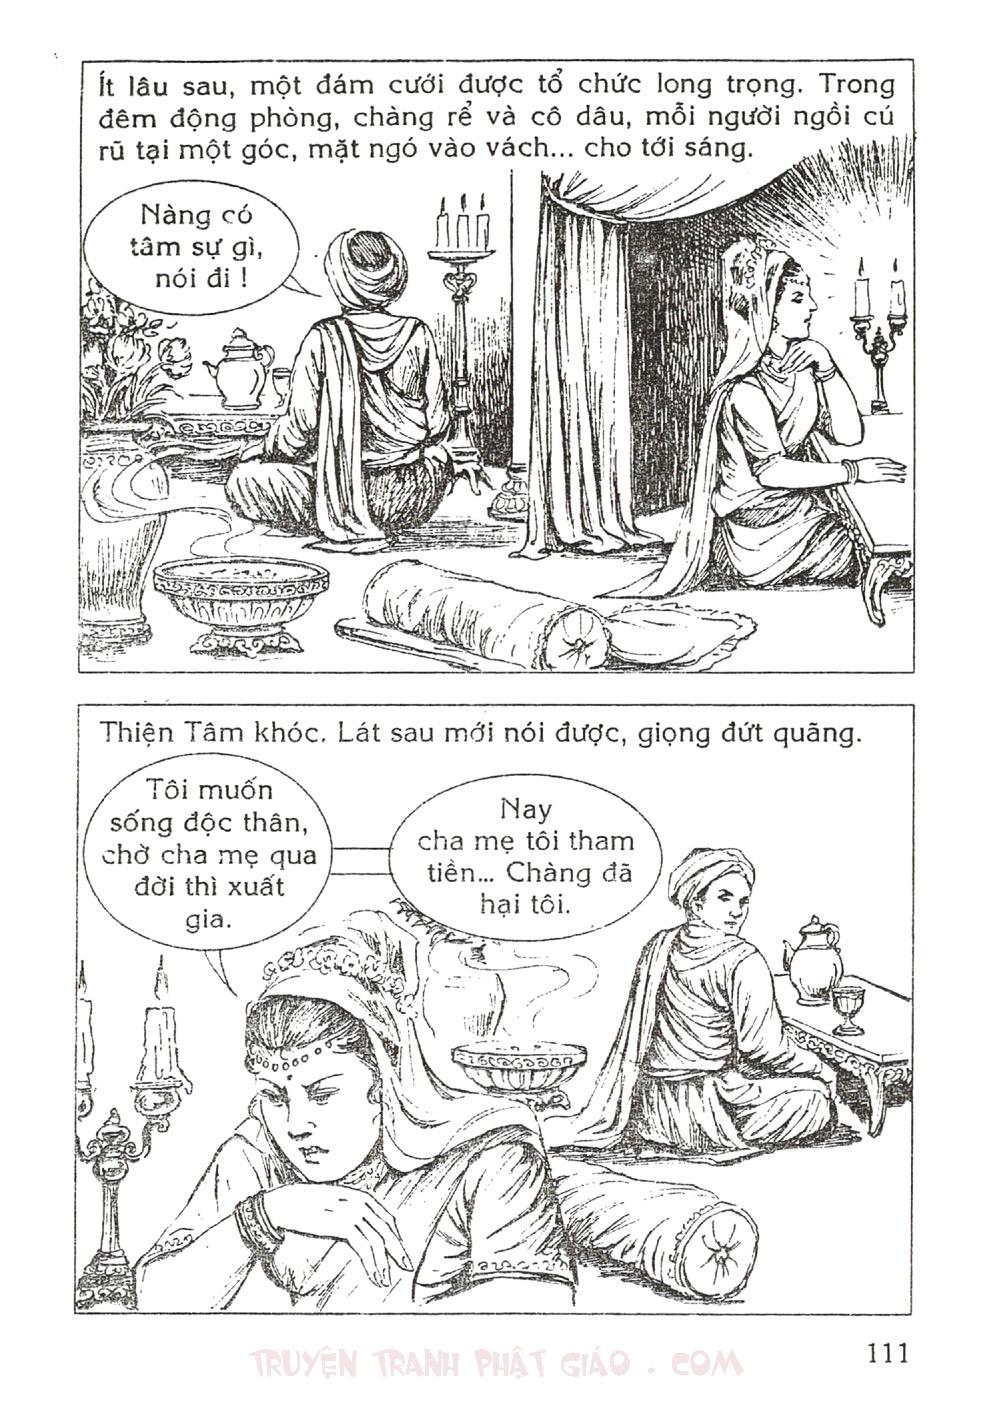 Thập Đại Đệ Tử - Đại Ca Diếp